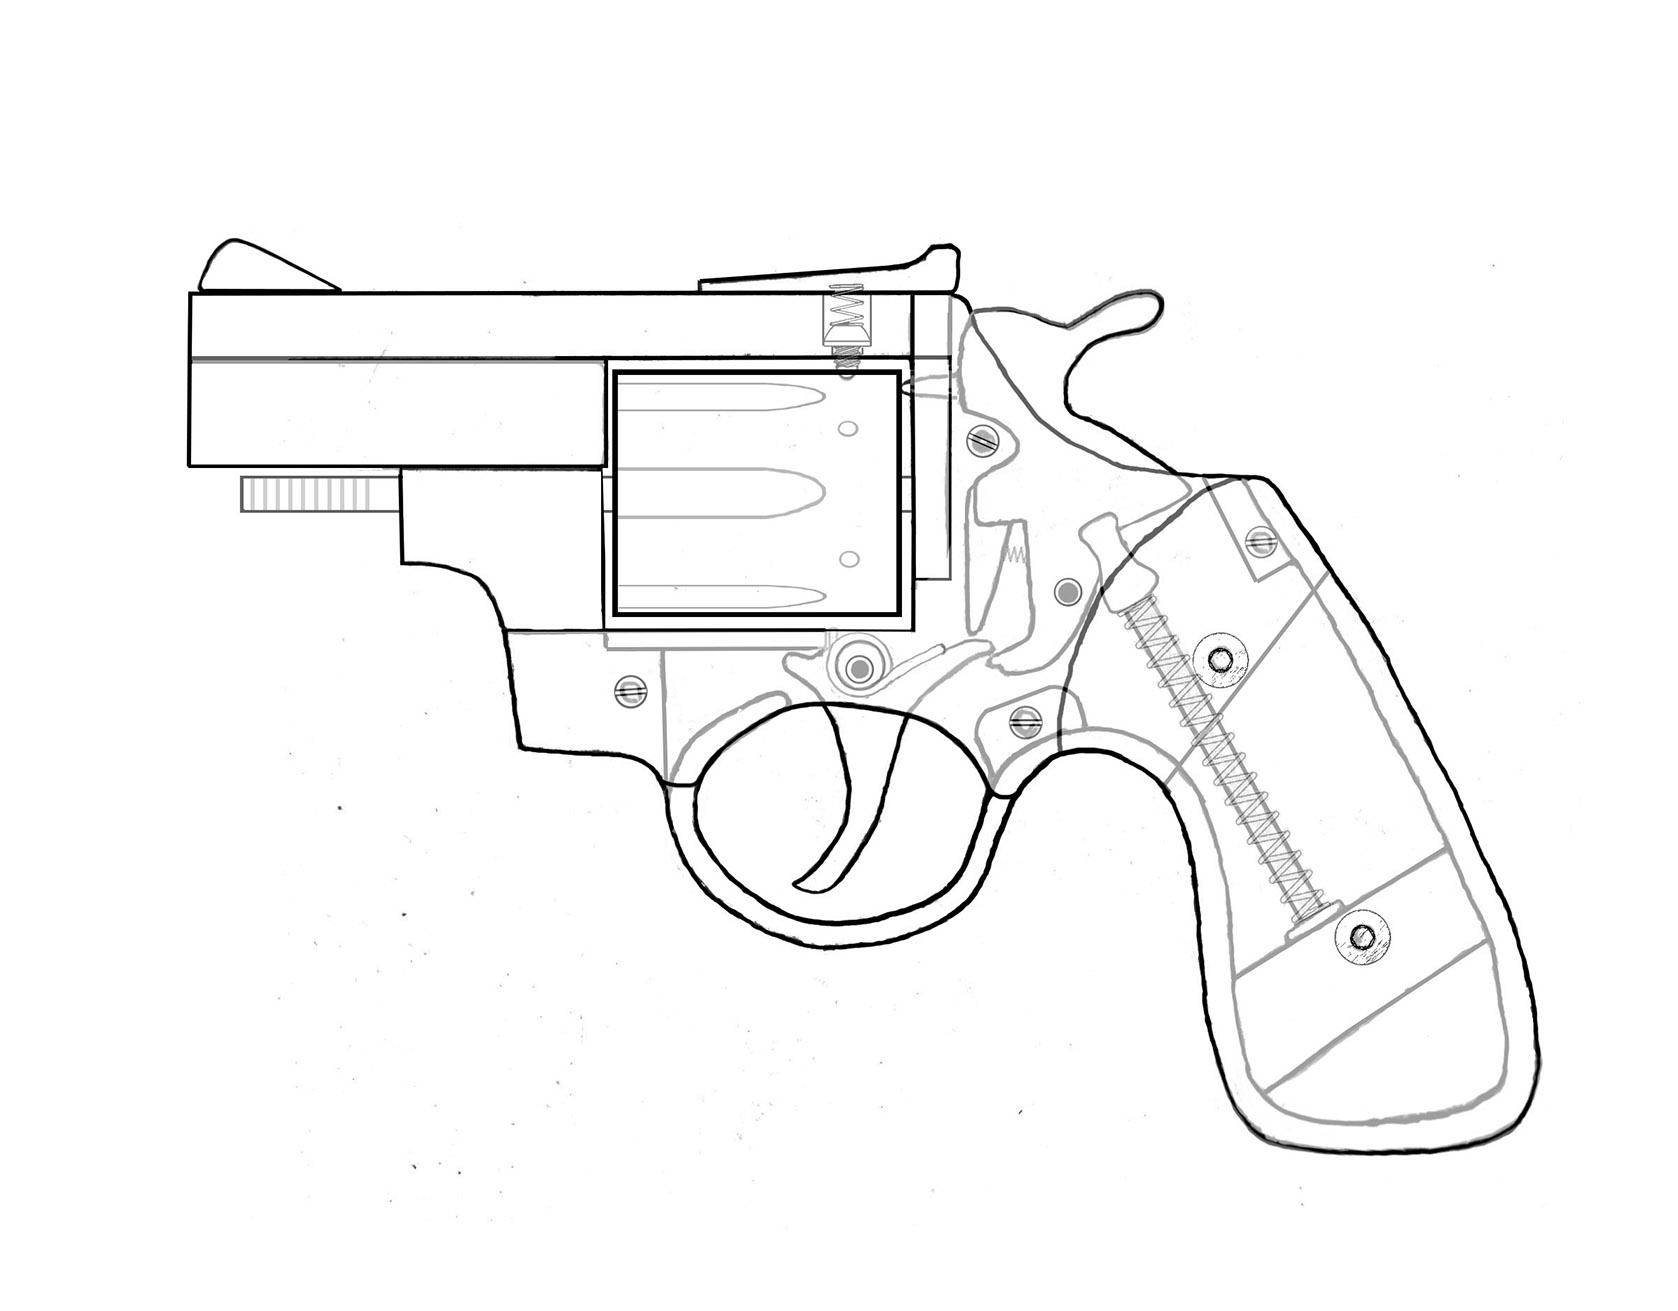 Homemade Revolver How